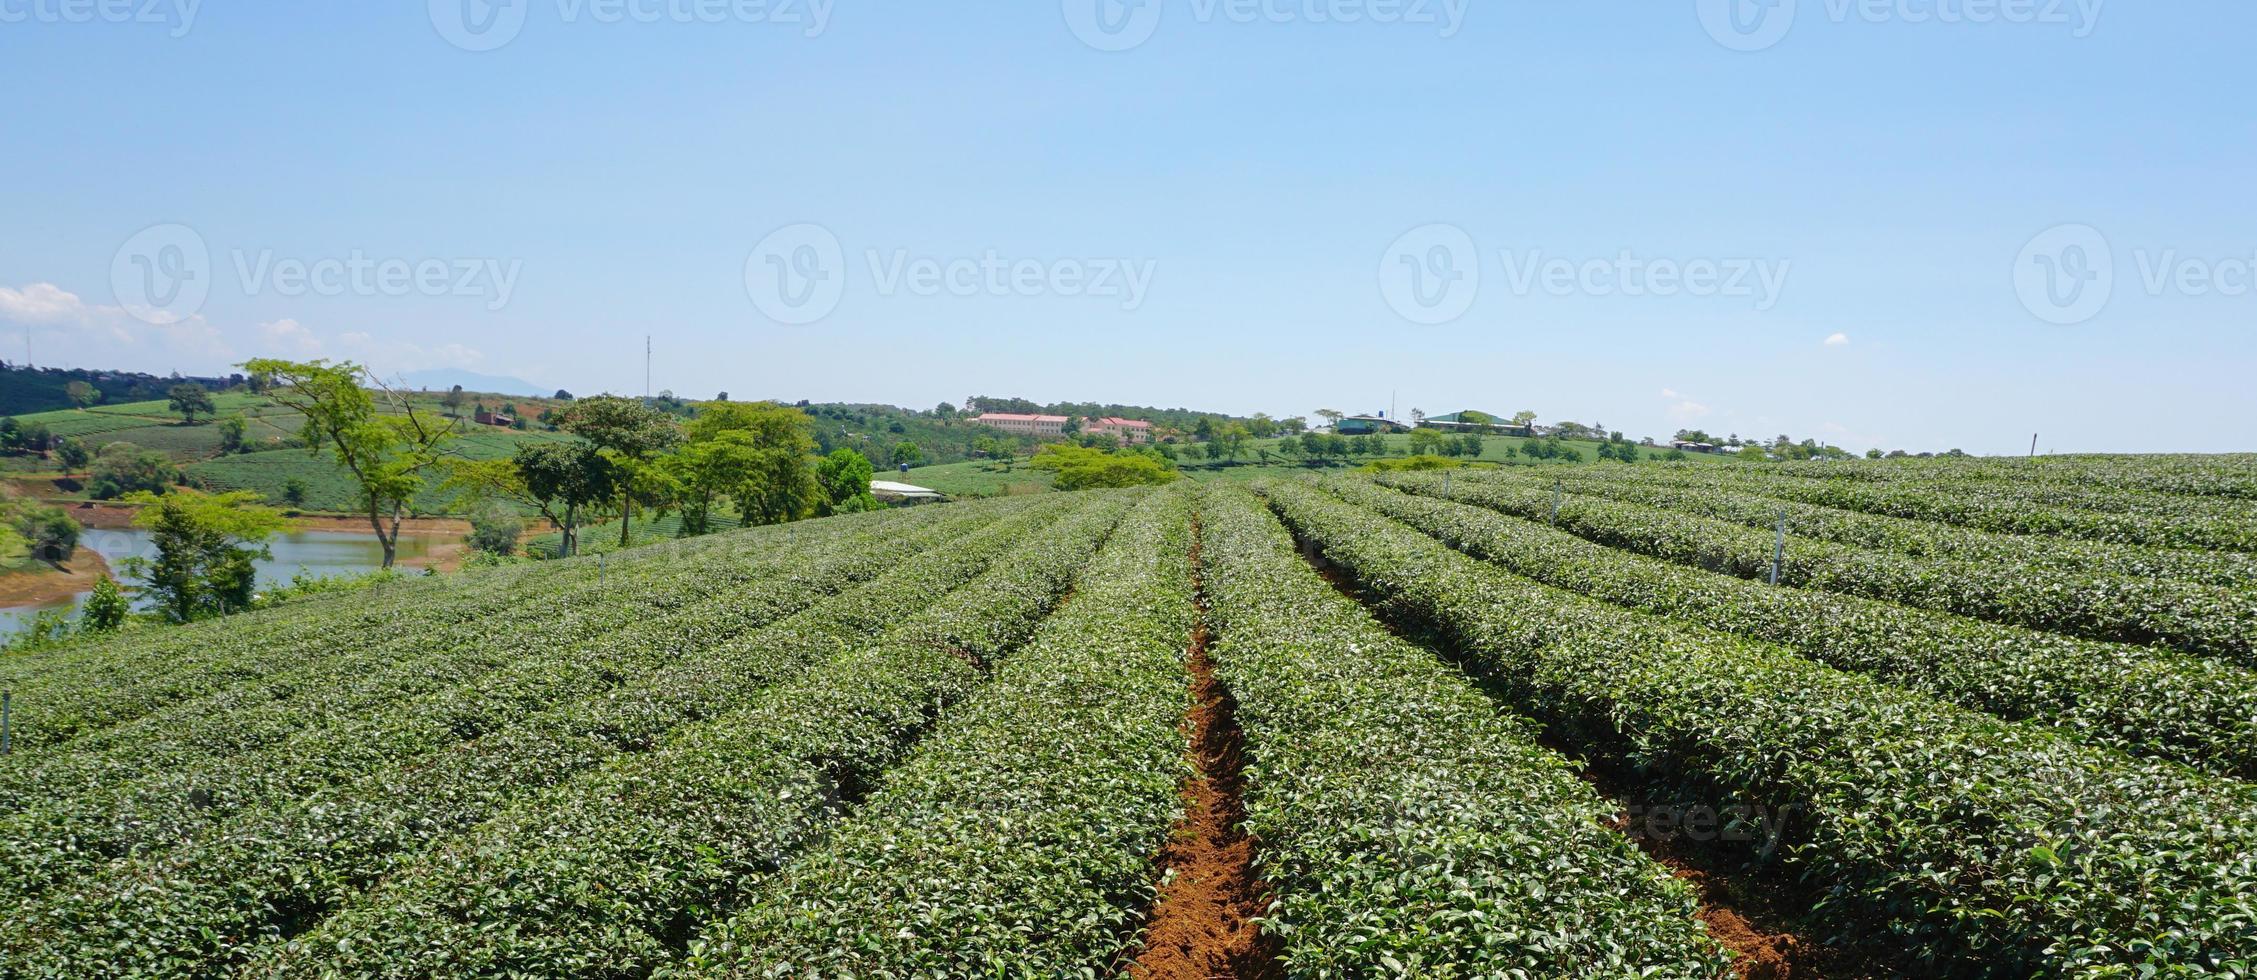 granja de té en bao loc highland foto